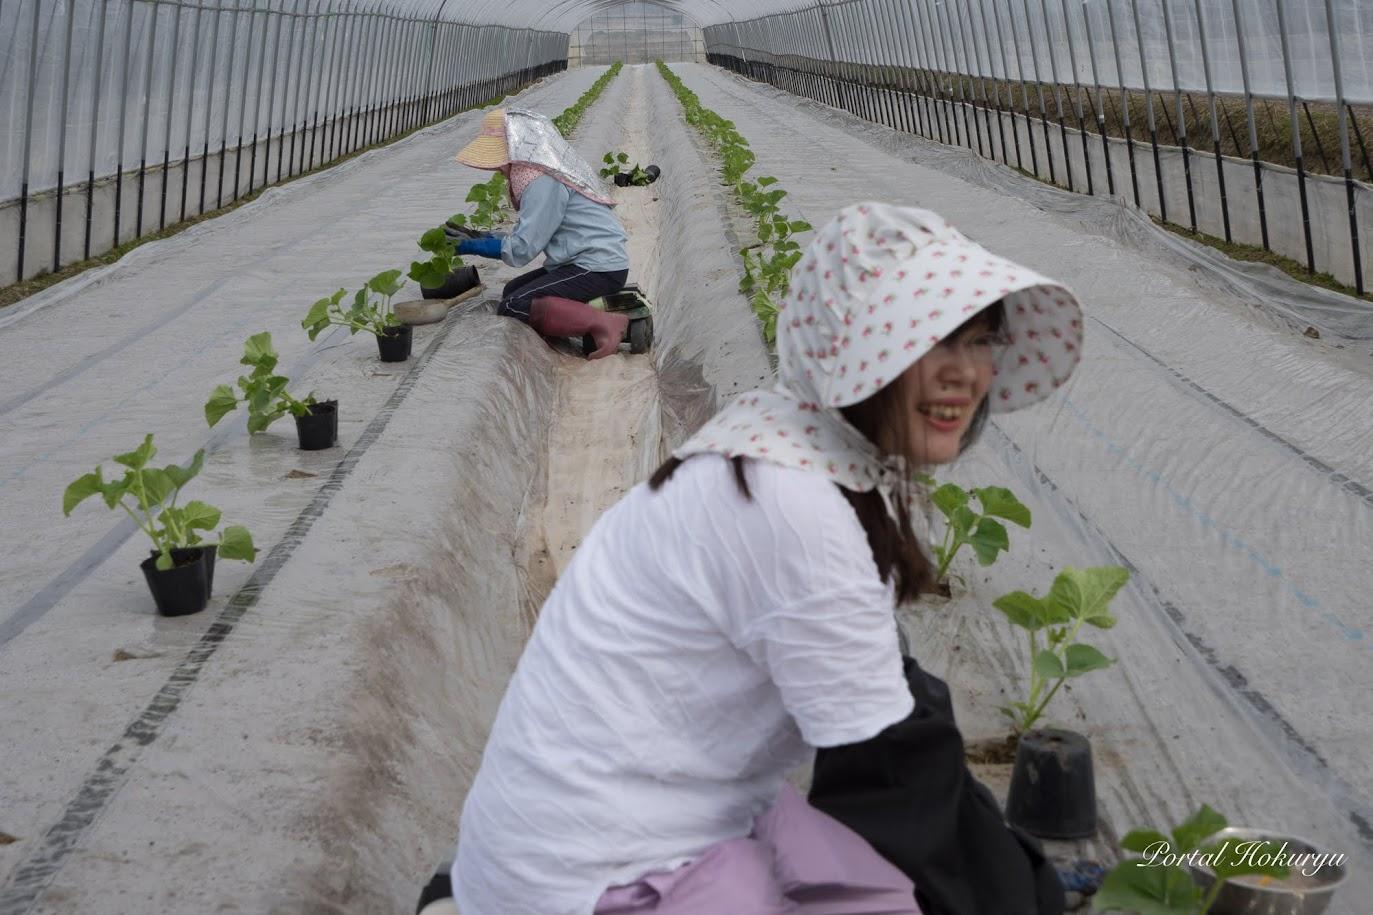 農業体験実習生・佐竹由美さん(右)と渡邊美香さん(右)